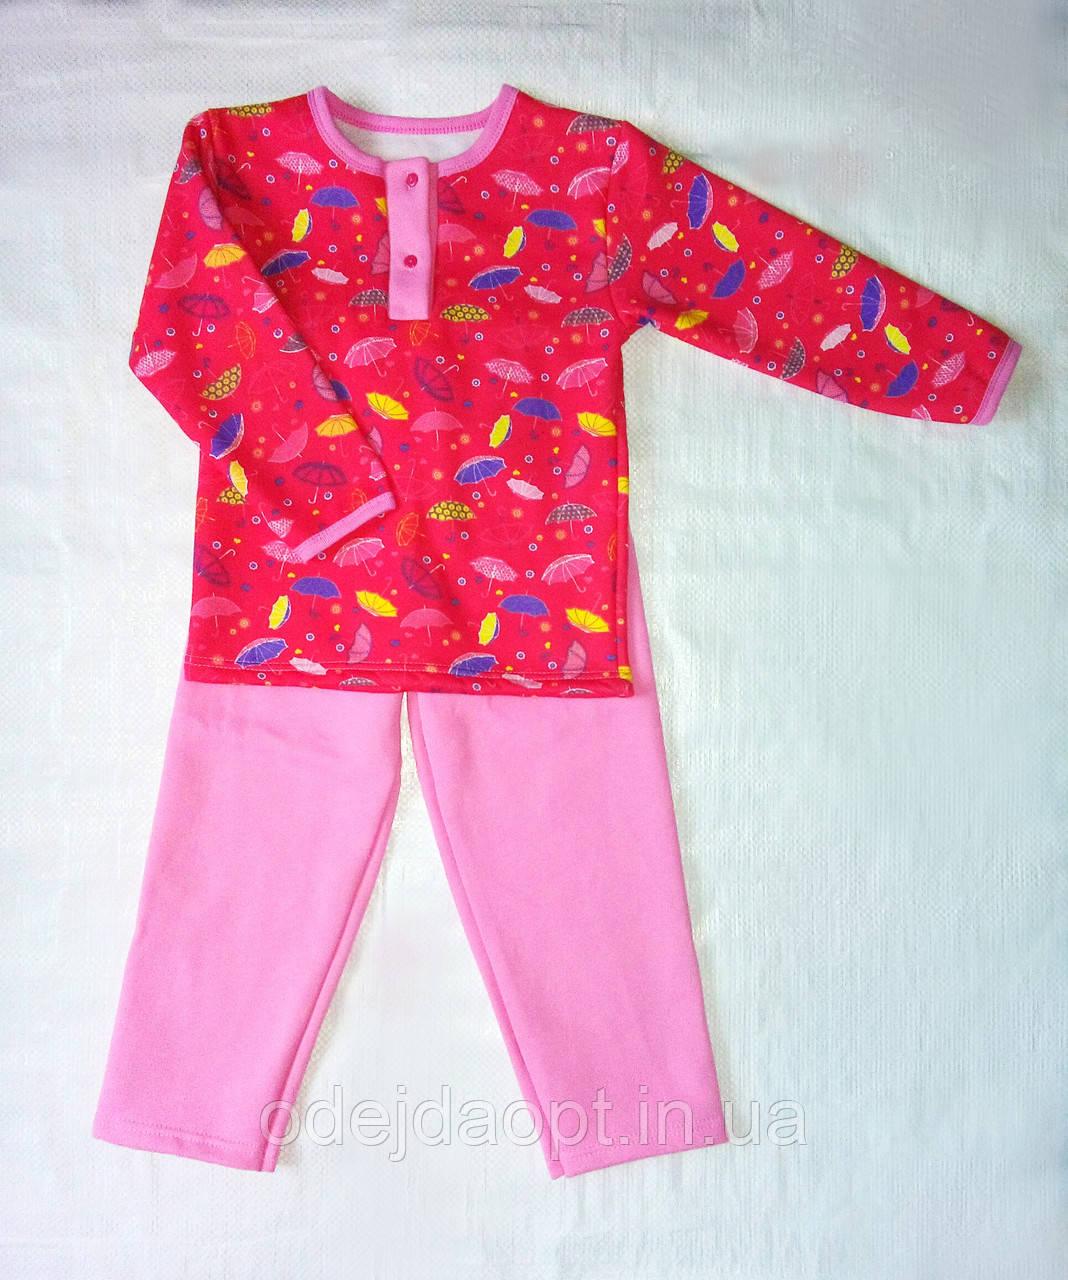 3058438109c3 Пижама подростковая для девочки 9,10,11,12,13 лет, цена 150 грн ...